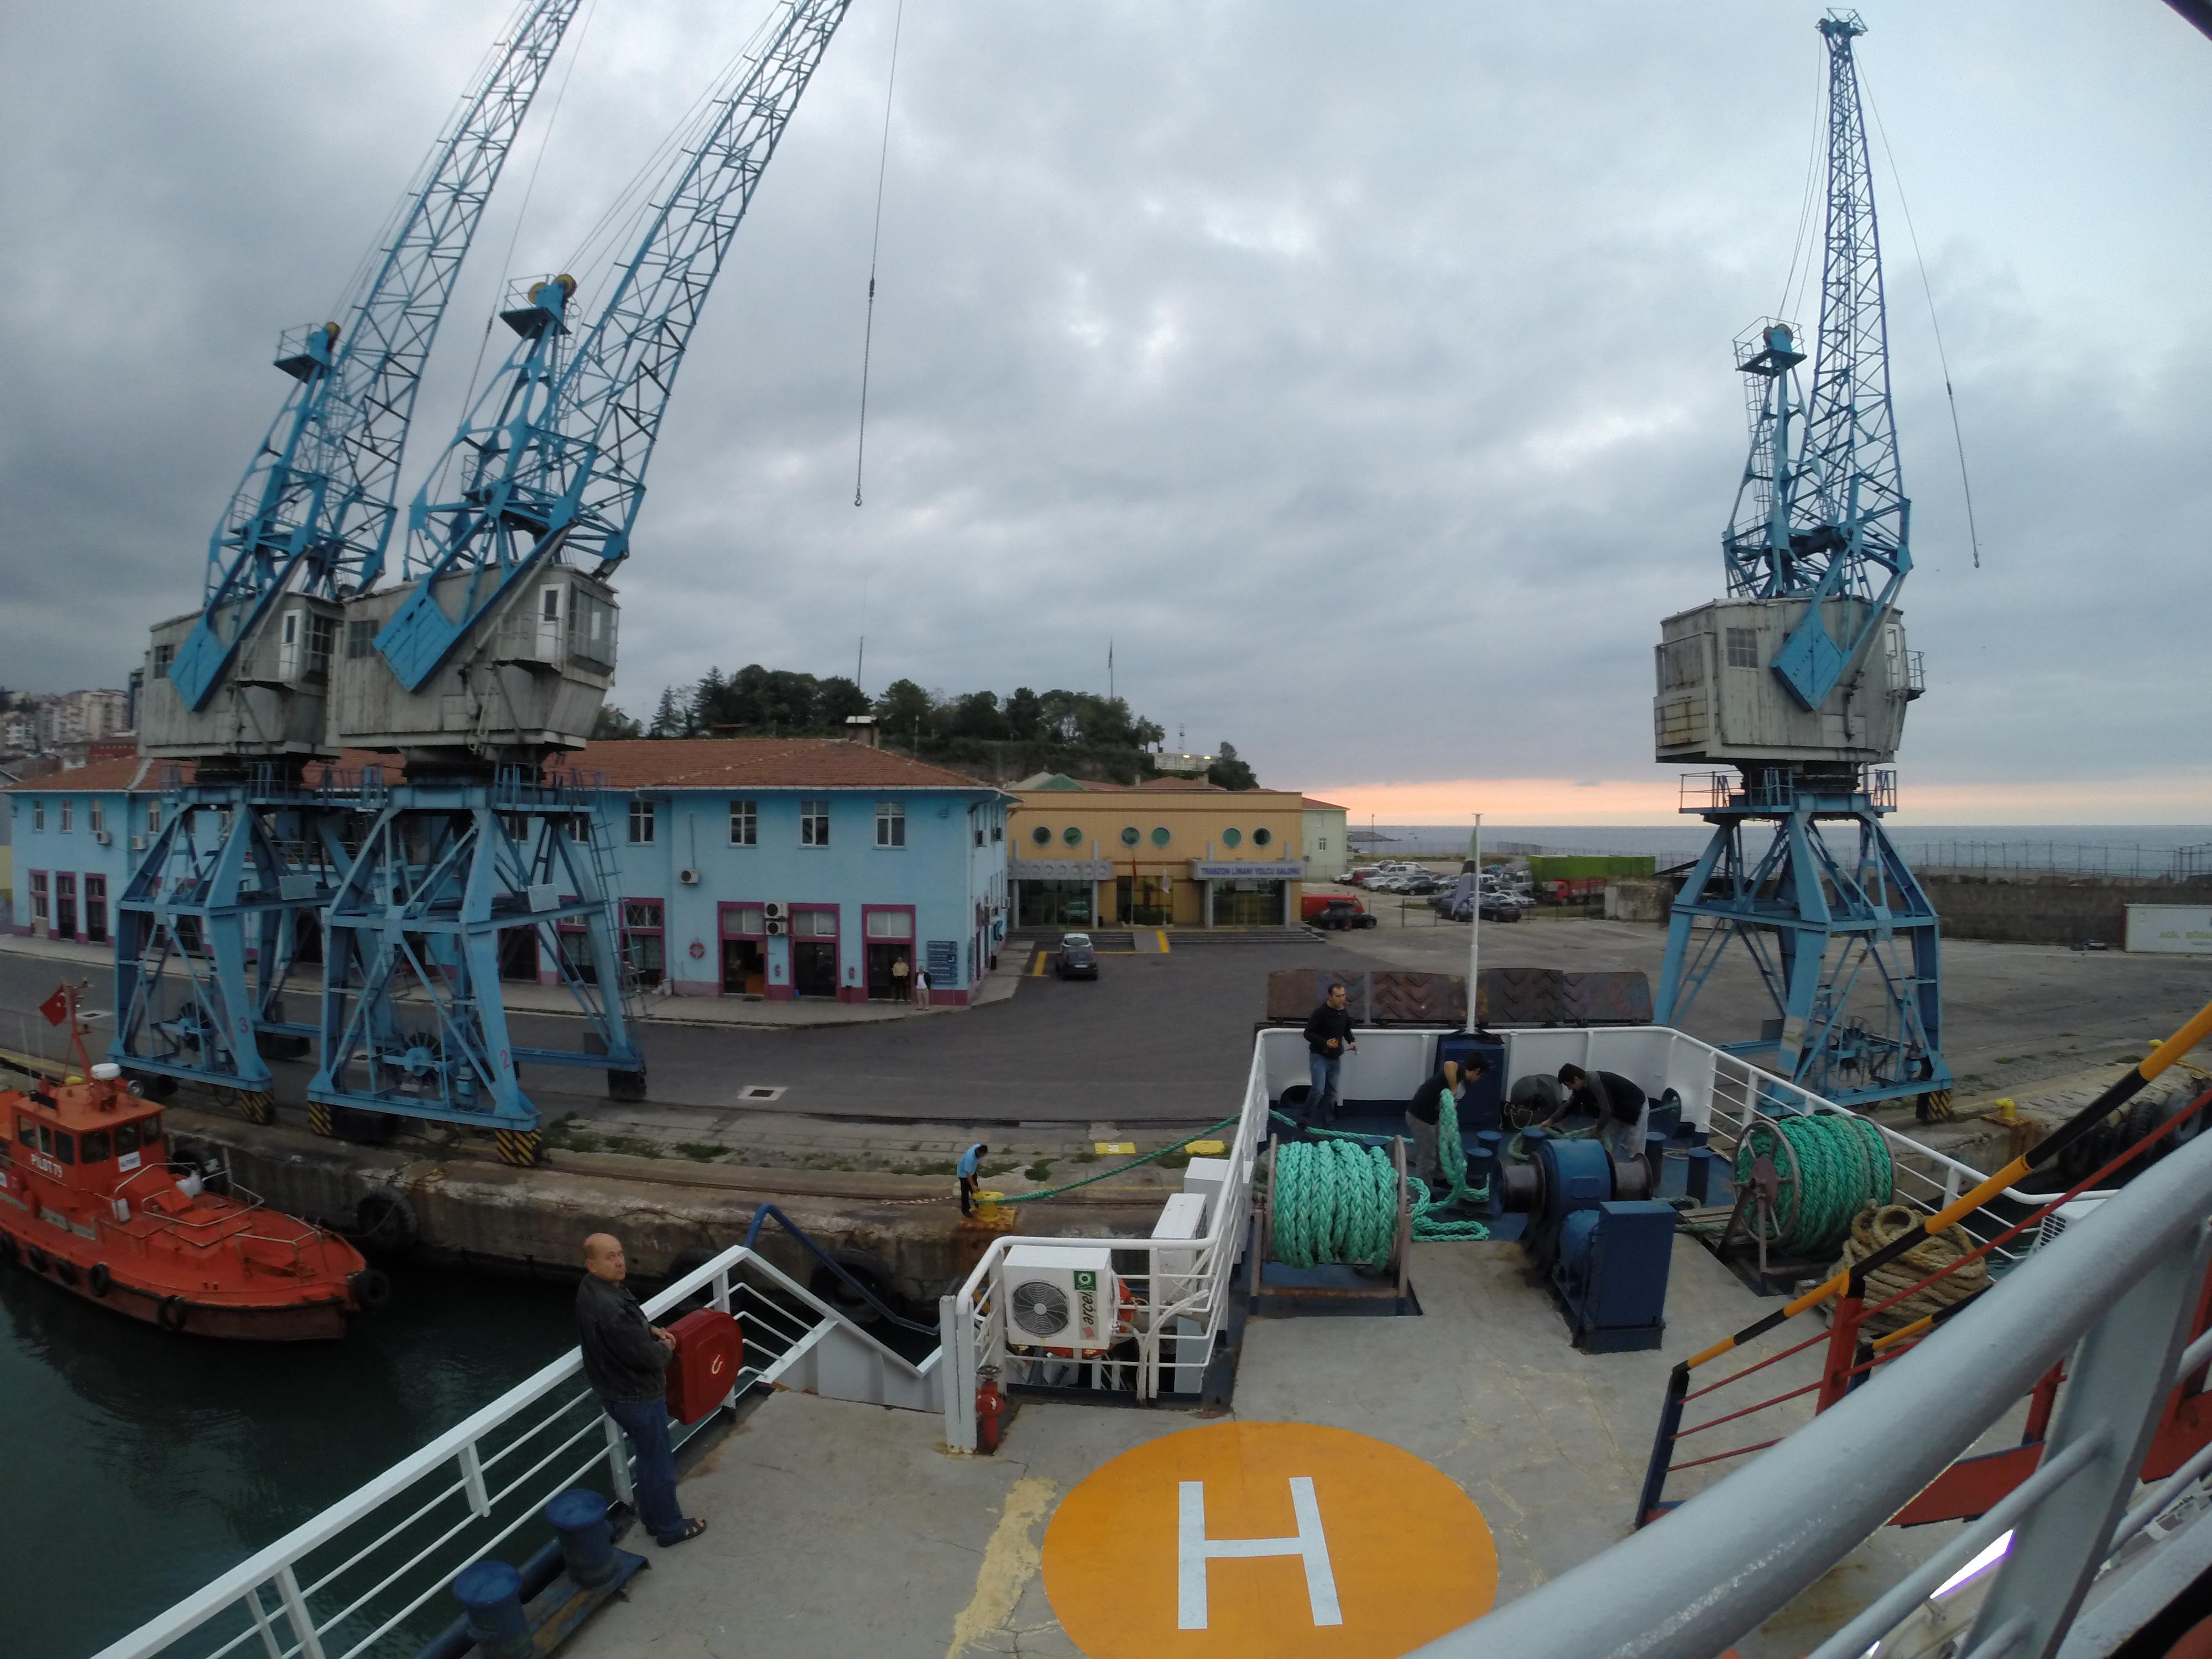 Boarded Ferry to Sochi, Russia